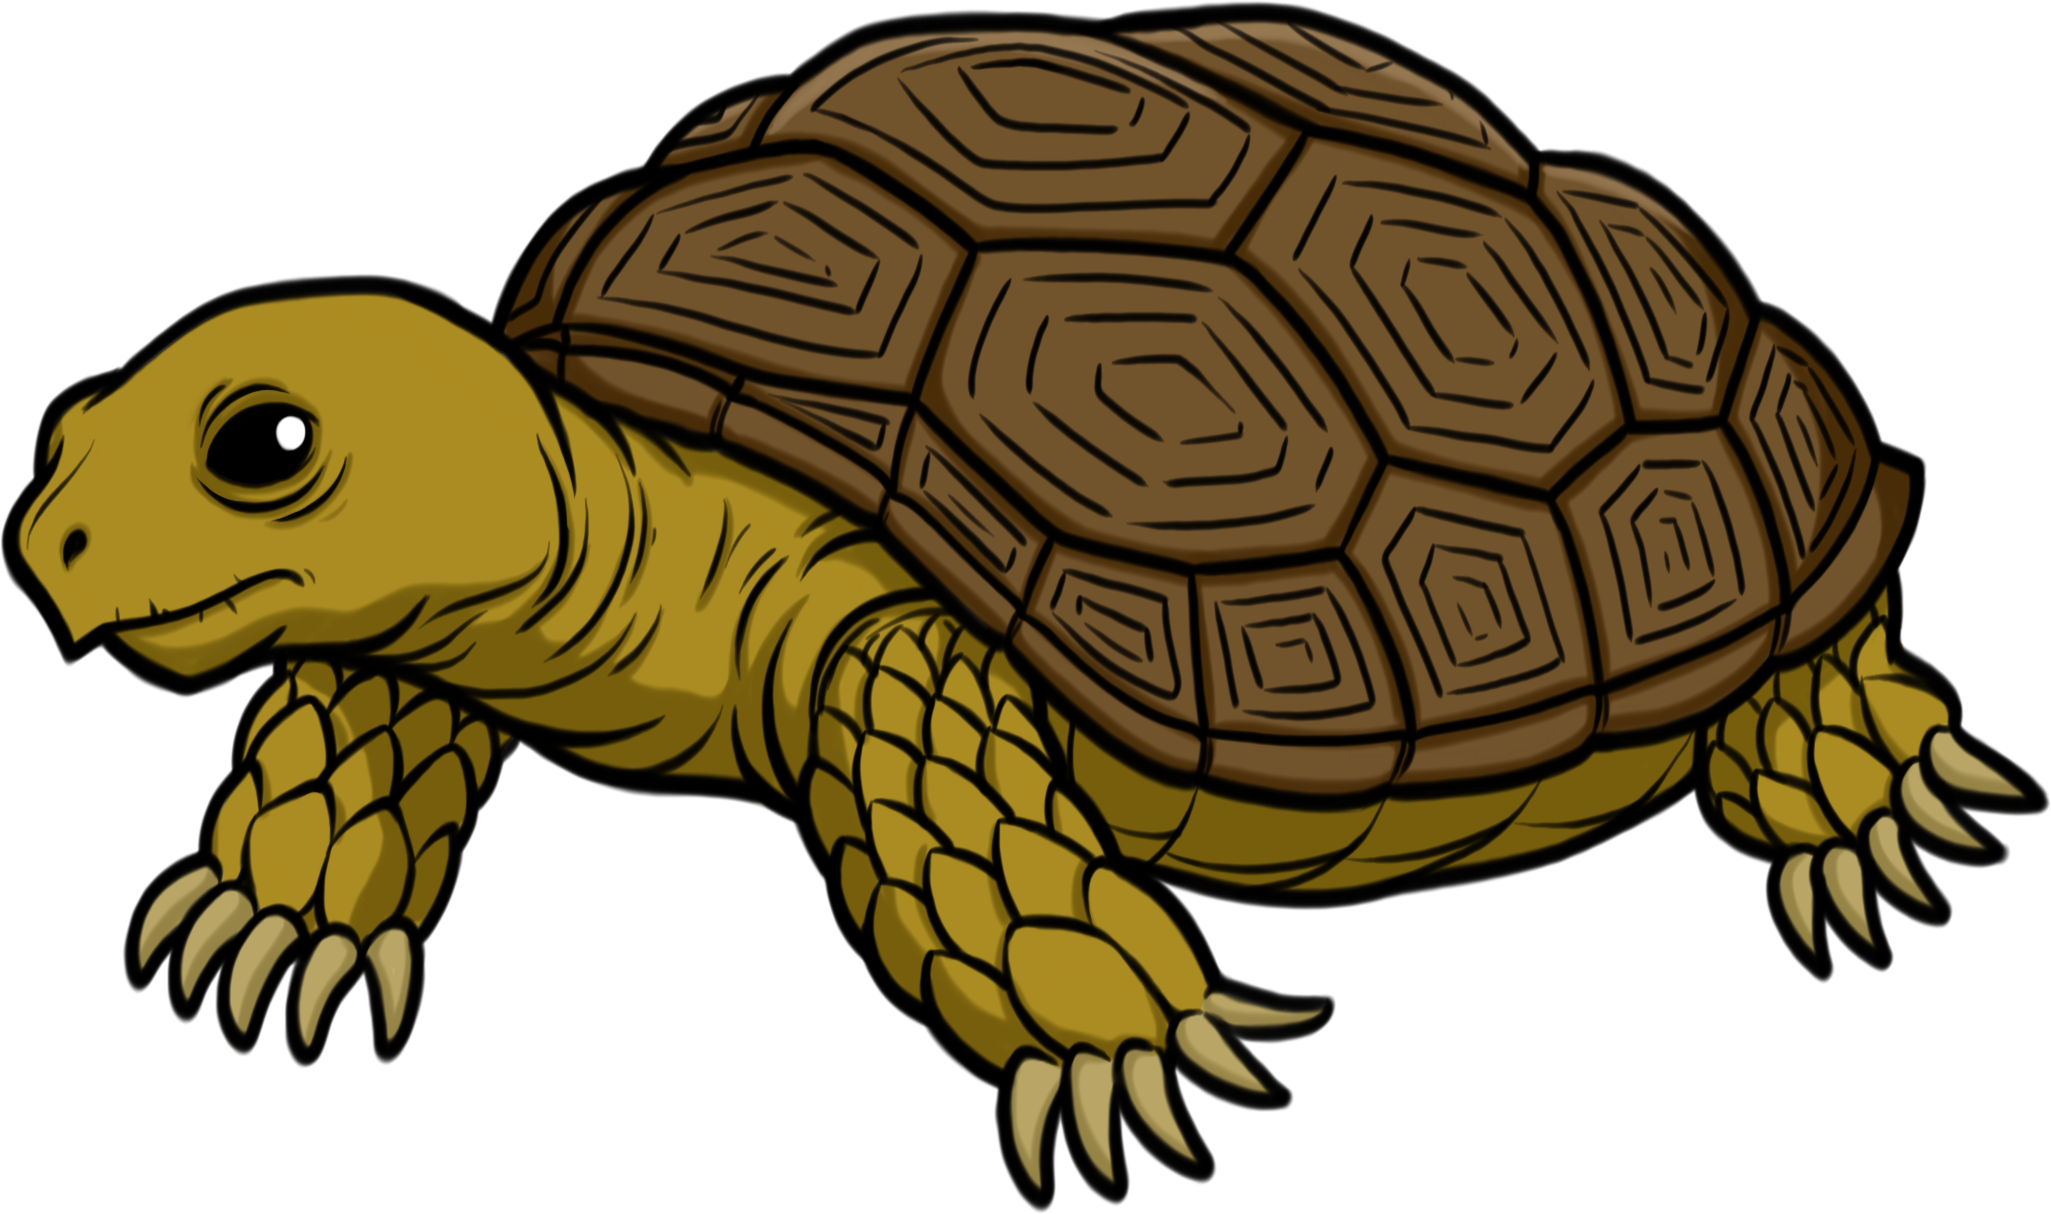 Россия, картинки с черепахами мультяшные